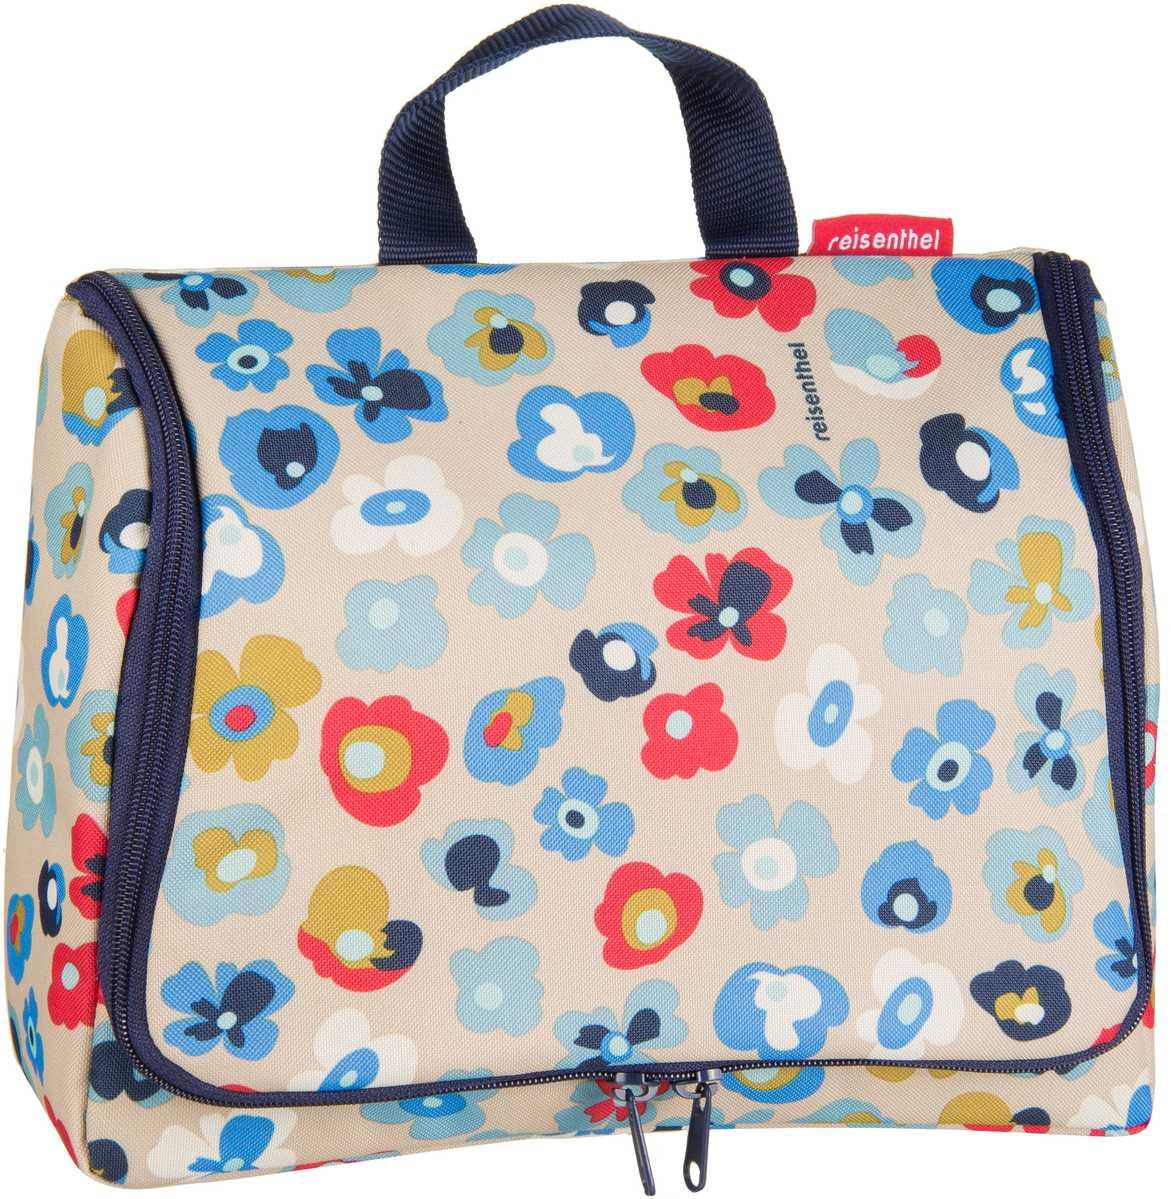 Reisegepaeck für Frauen - reisenthel Kulturbeutel Beauty Case toiletbag XL Millefleurs (4 Liter)  - Onlineshop Taschenkaufhaus